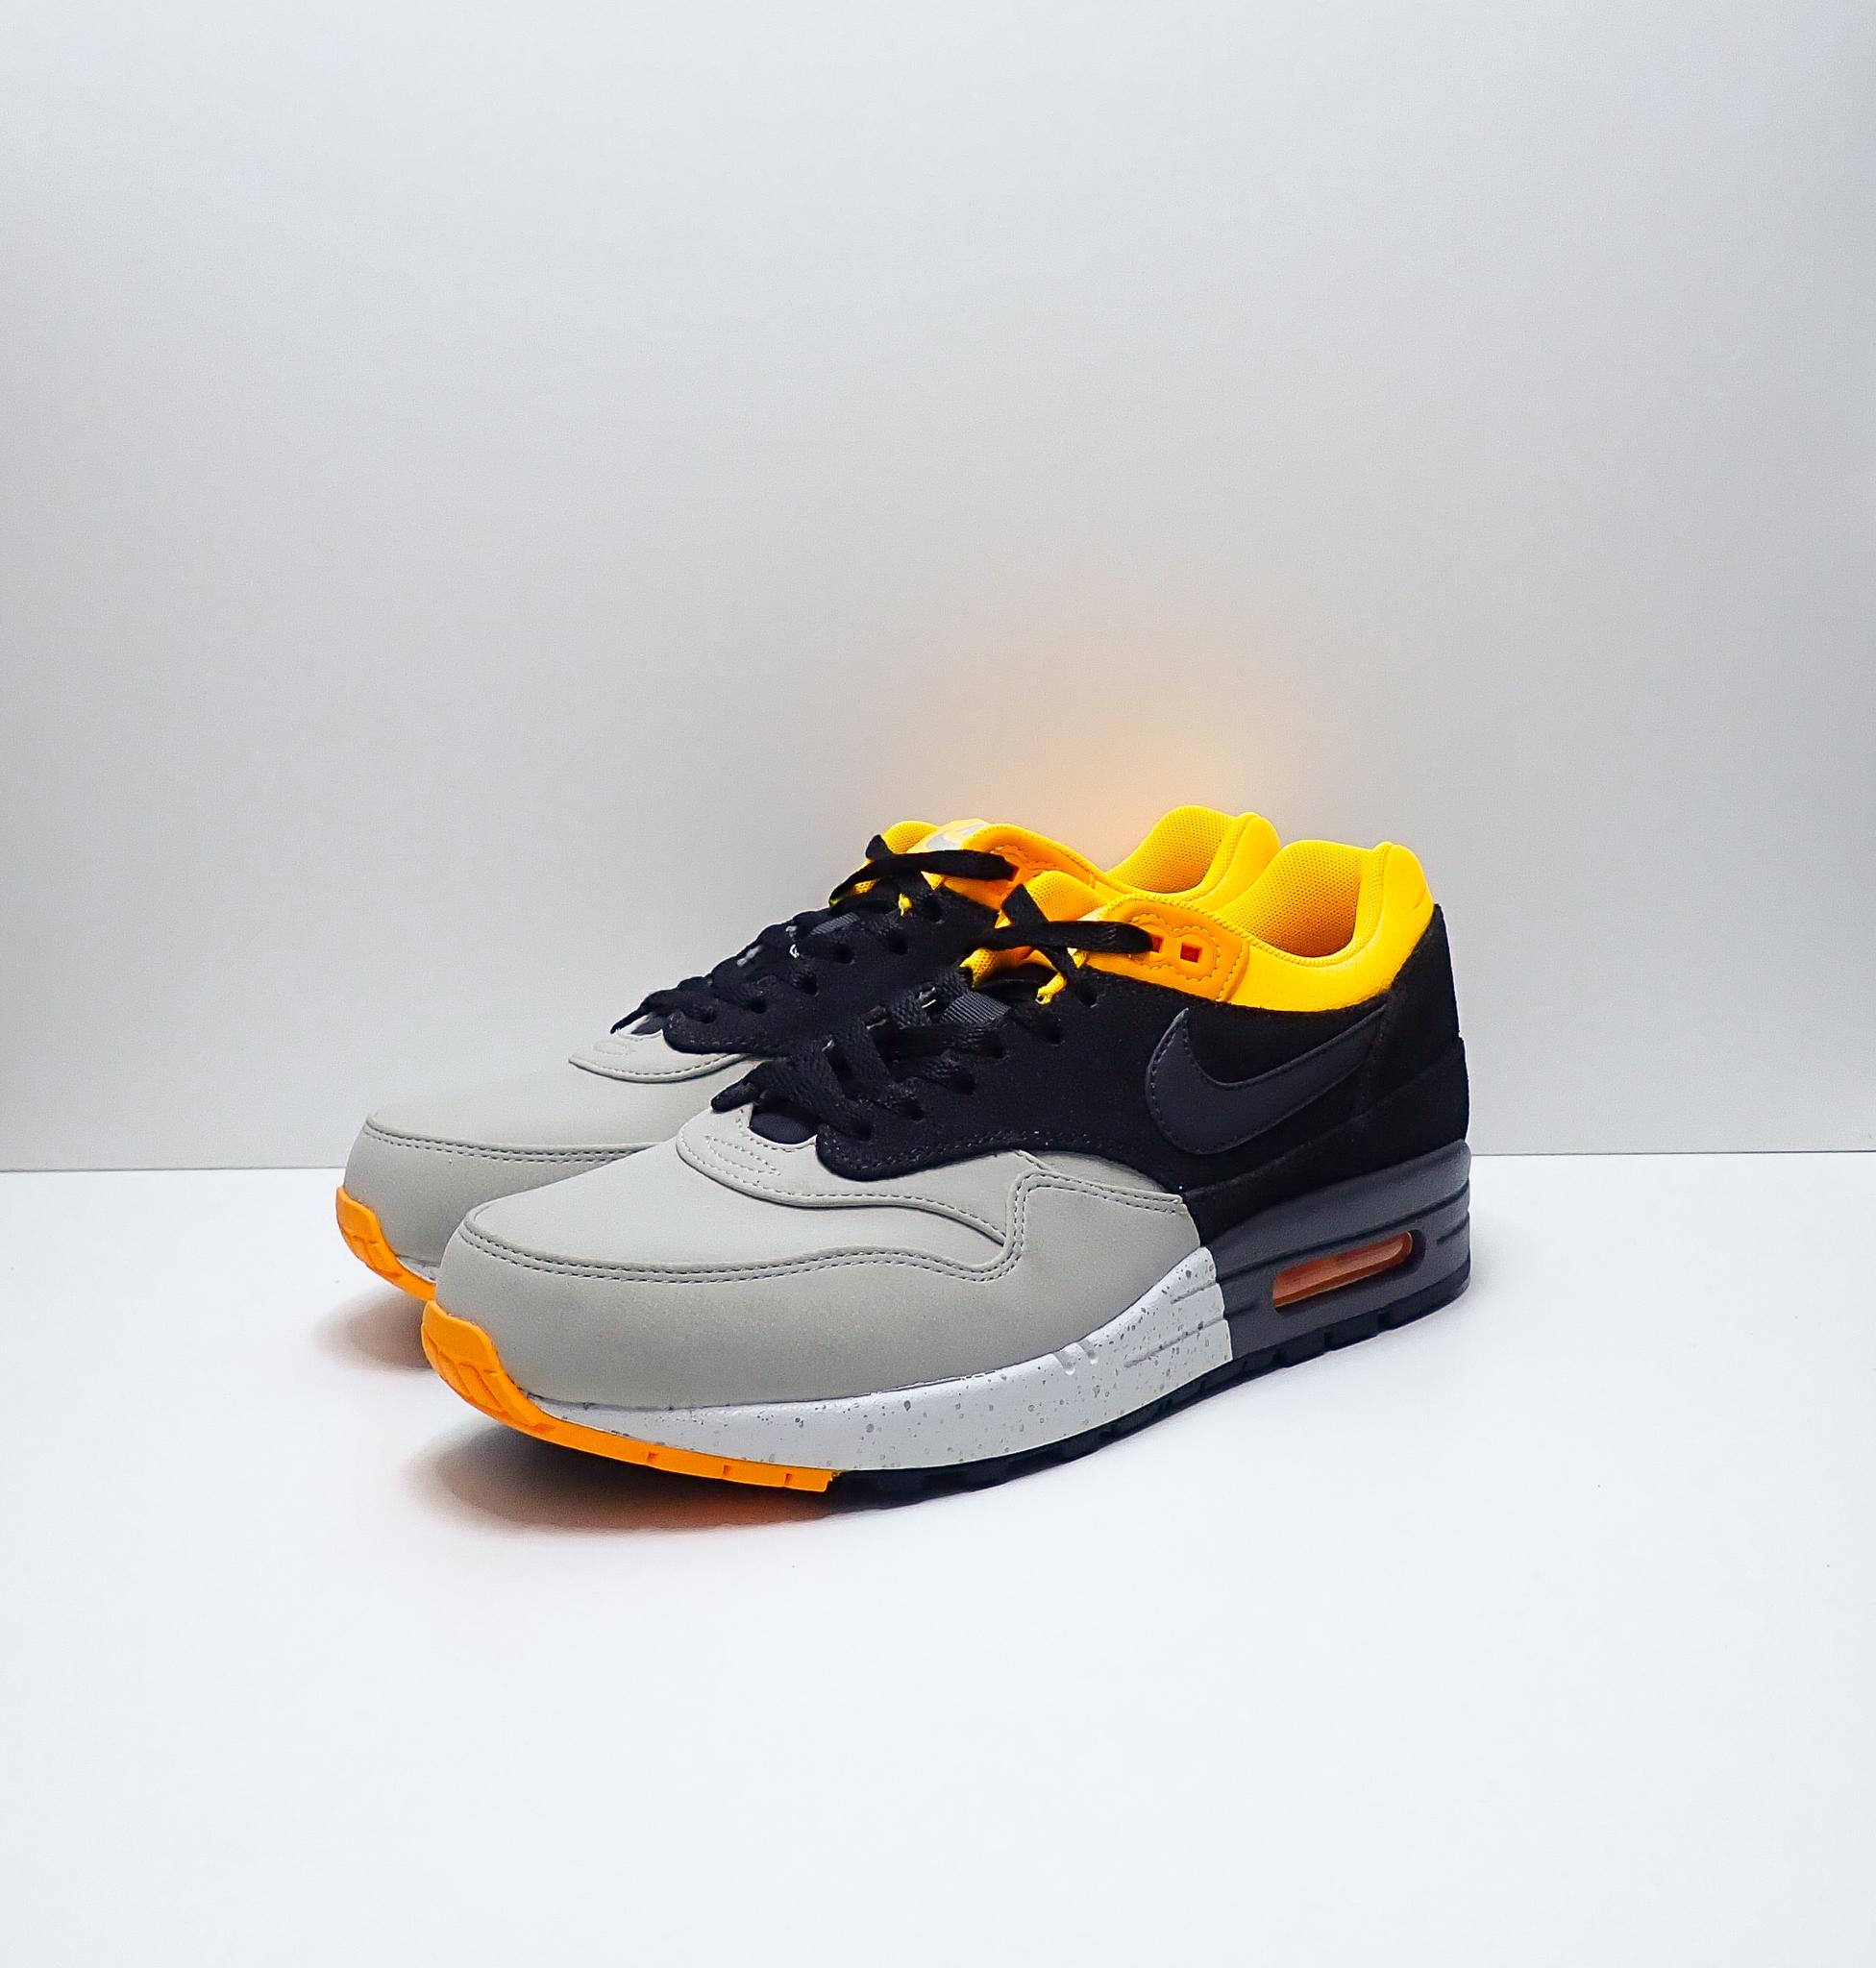 Nike Air Max 1 Premium Pale Grey Charcoal